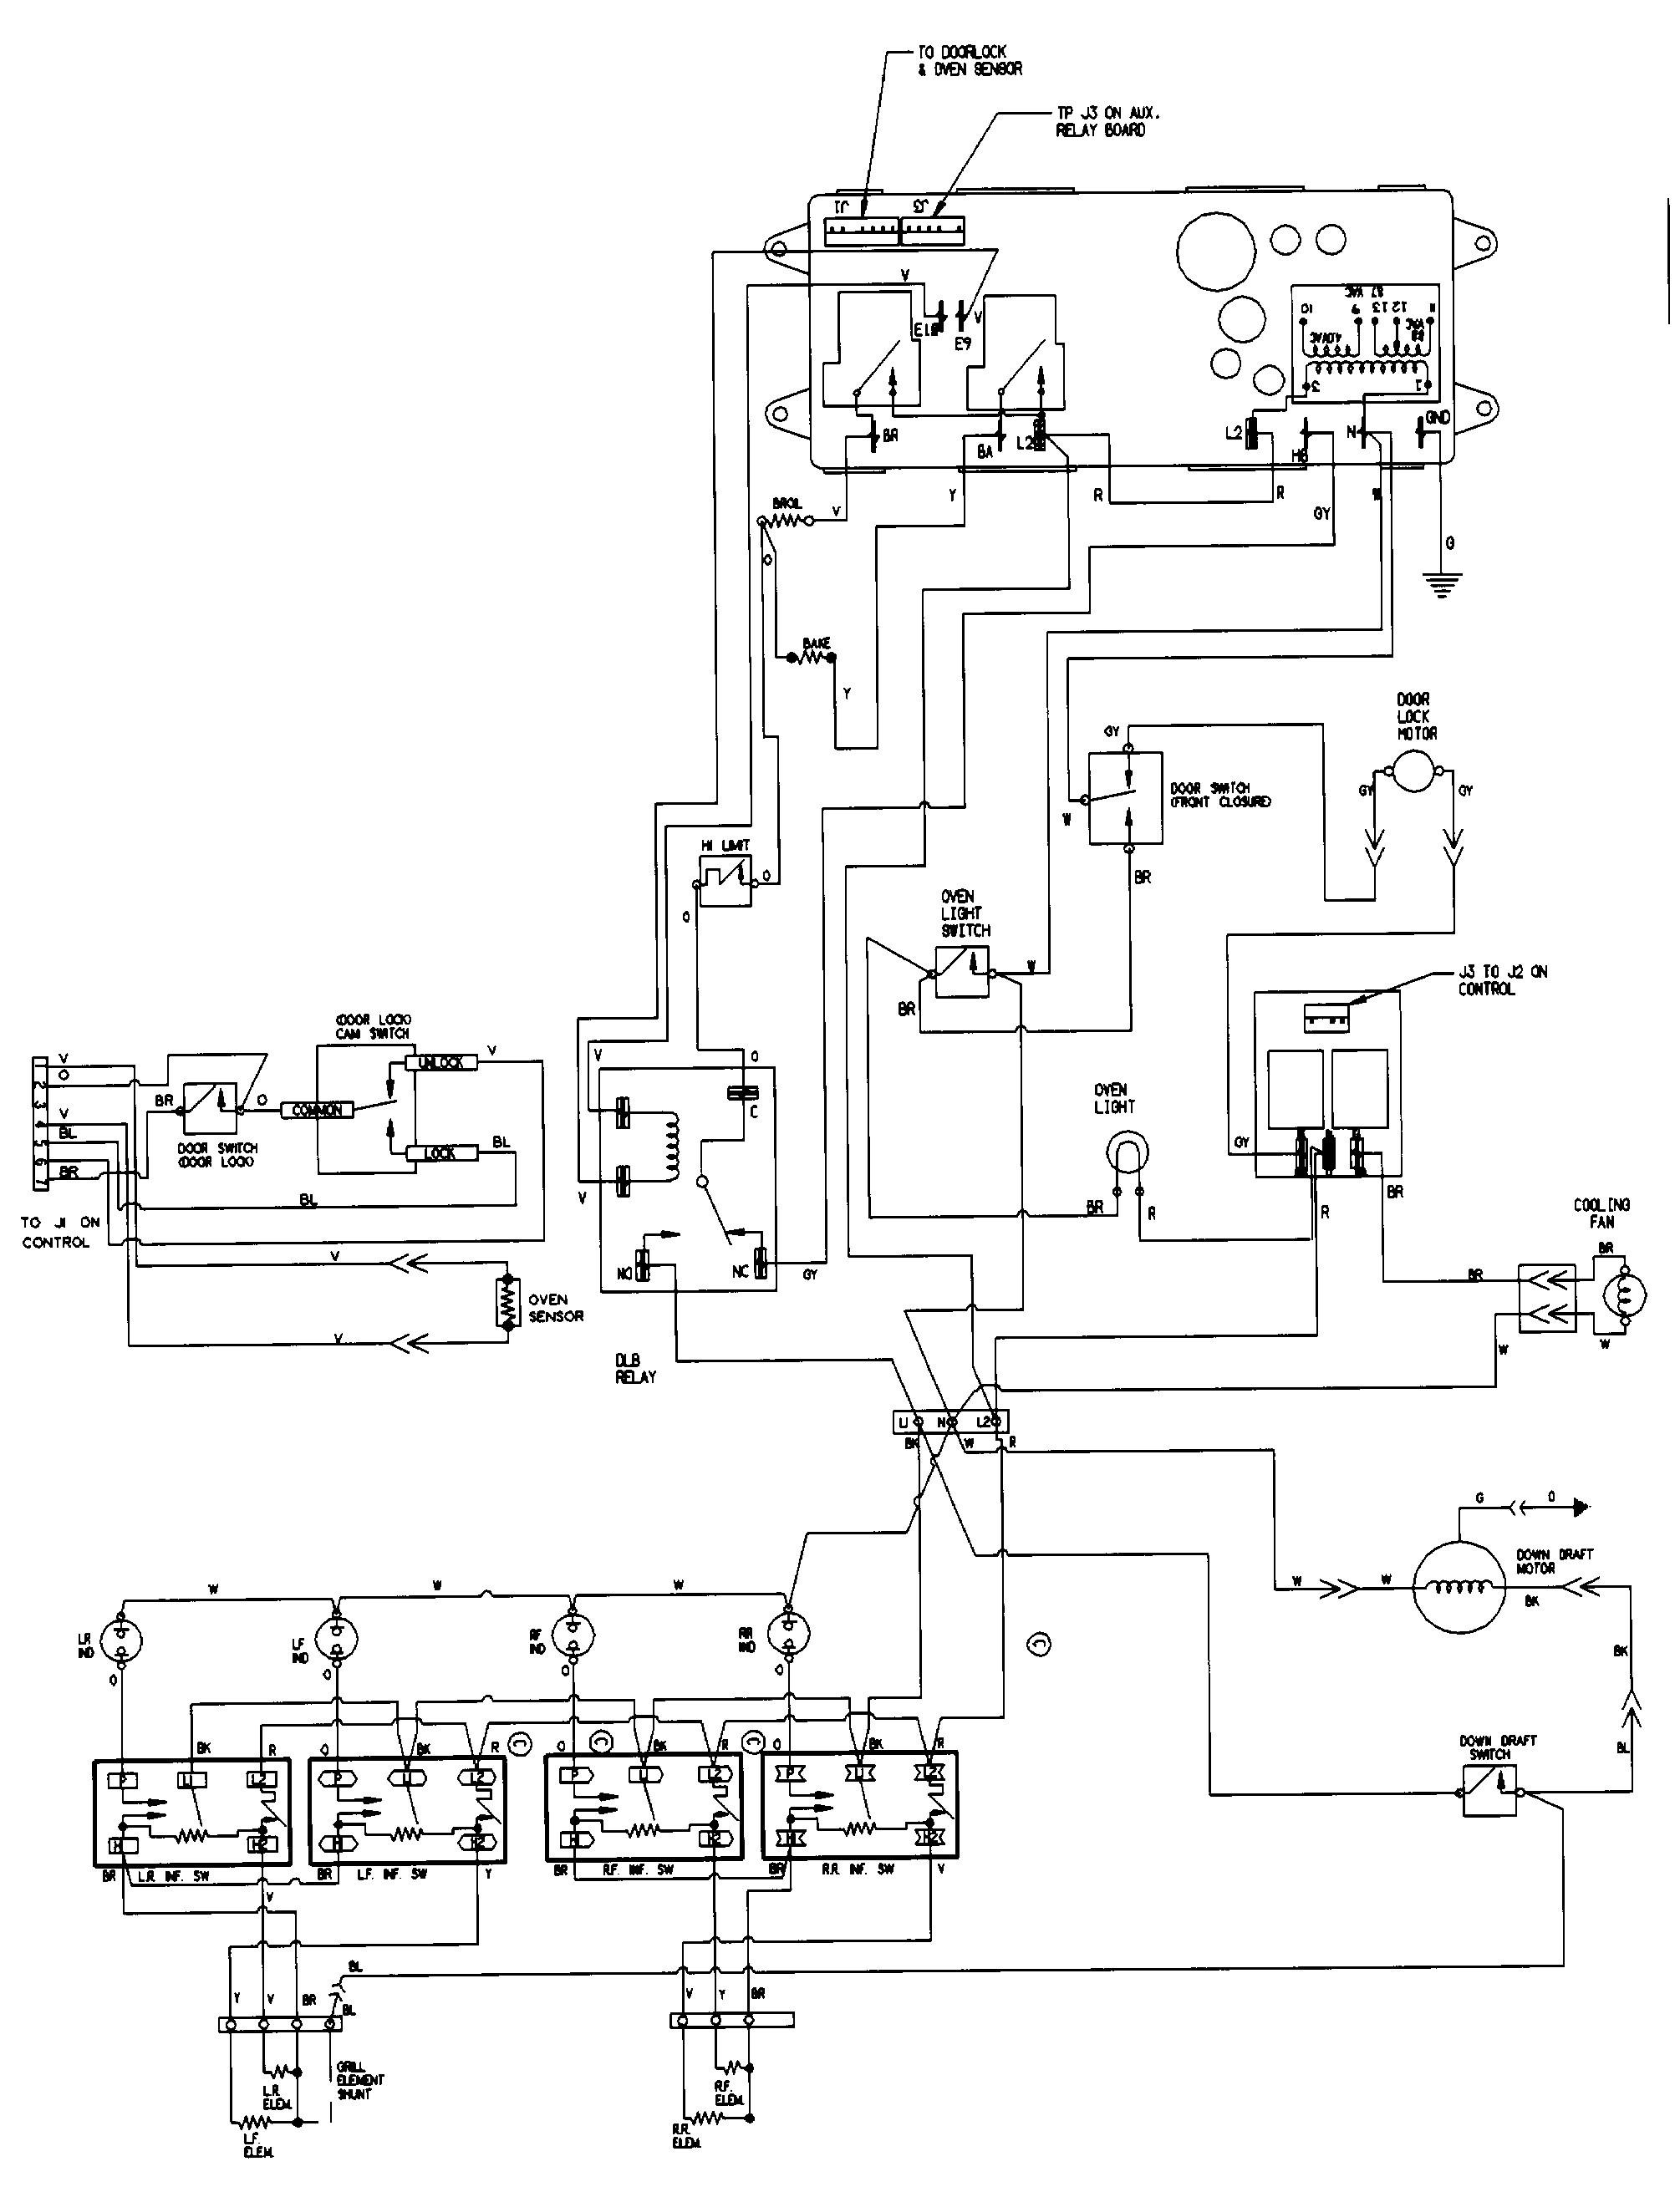 B18b Wiring Diagram Wire Center B18b1 Harness B18 U2022 Rh Espionage Pw Cams